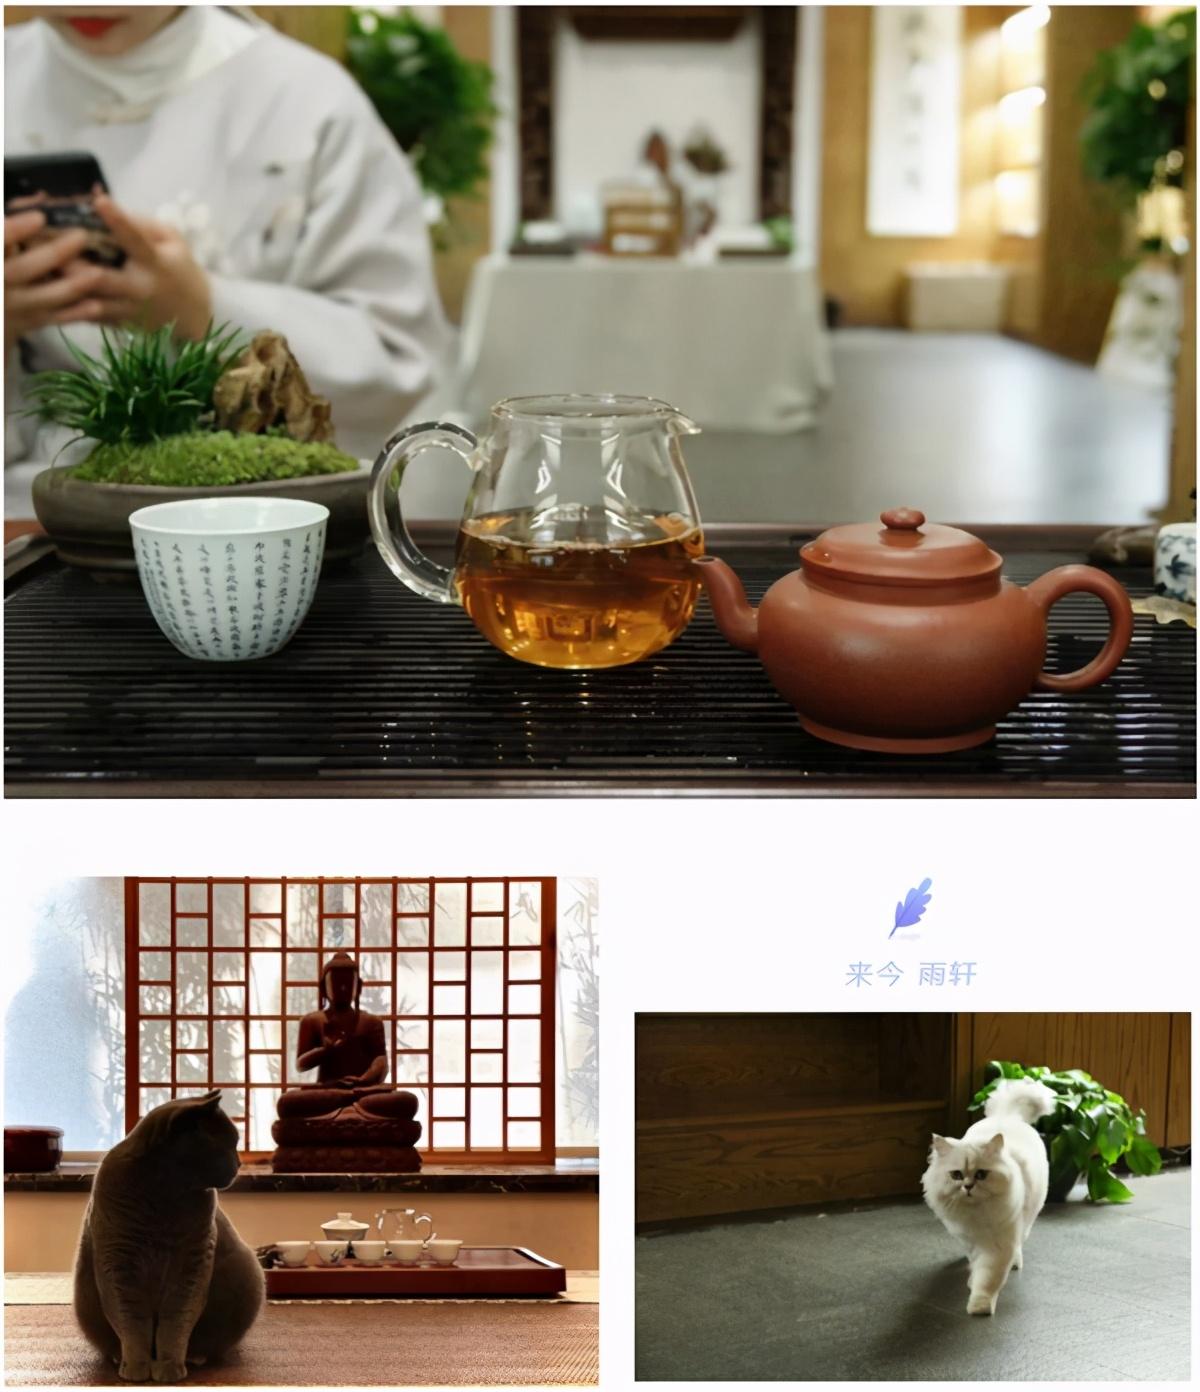 来今雨轩,一家集品茶、书法、茶艺、古琴于一体的茶舍,不容错过